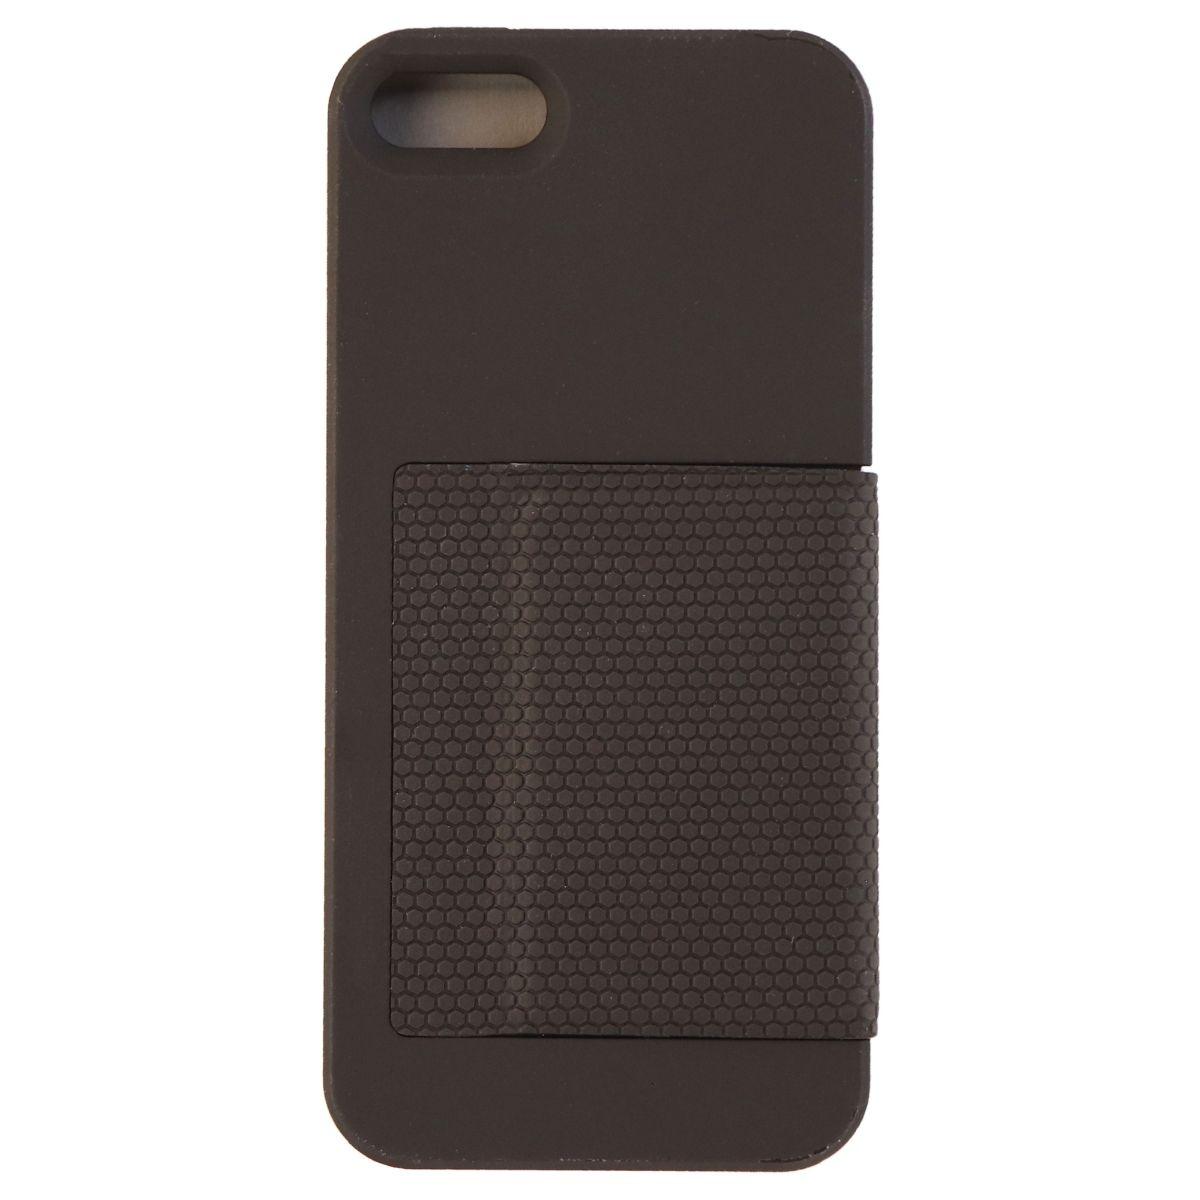 Incipio LGND Series Folio Case for Apple iPhone 5 - Black  (IPH-883)